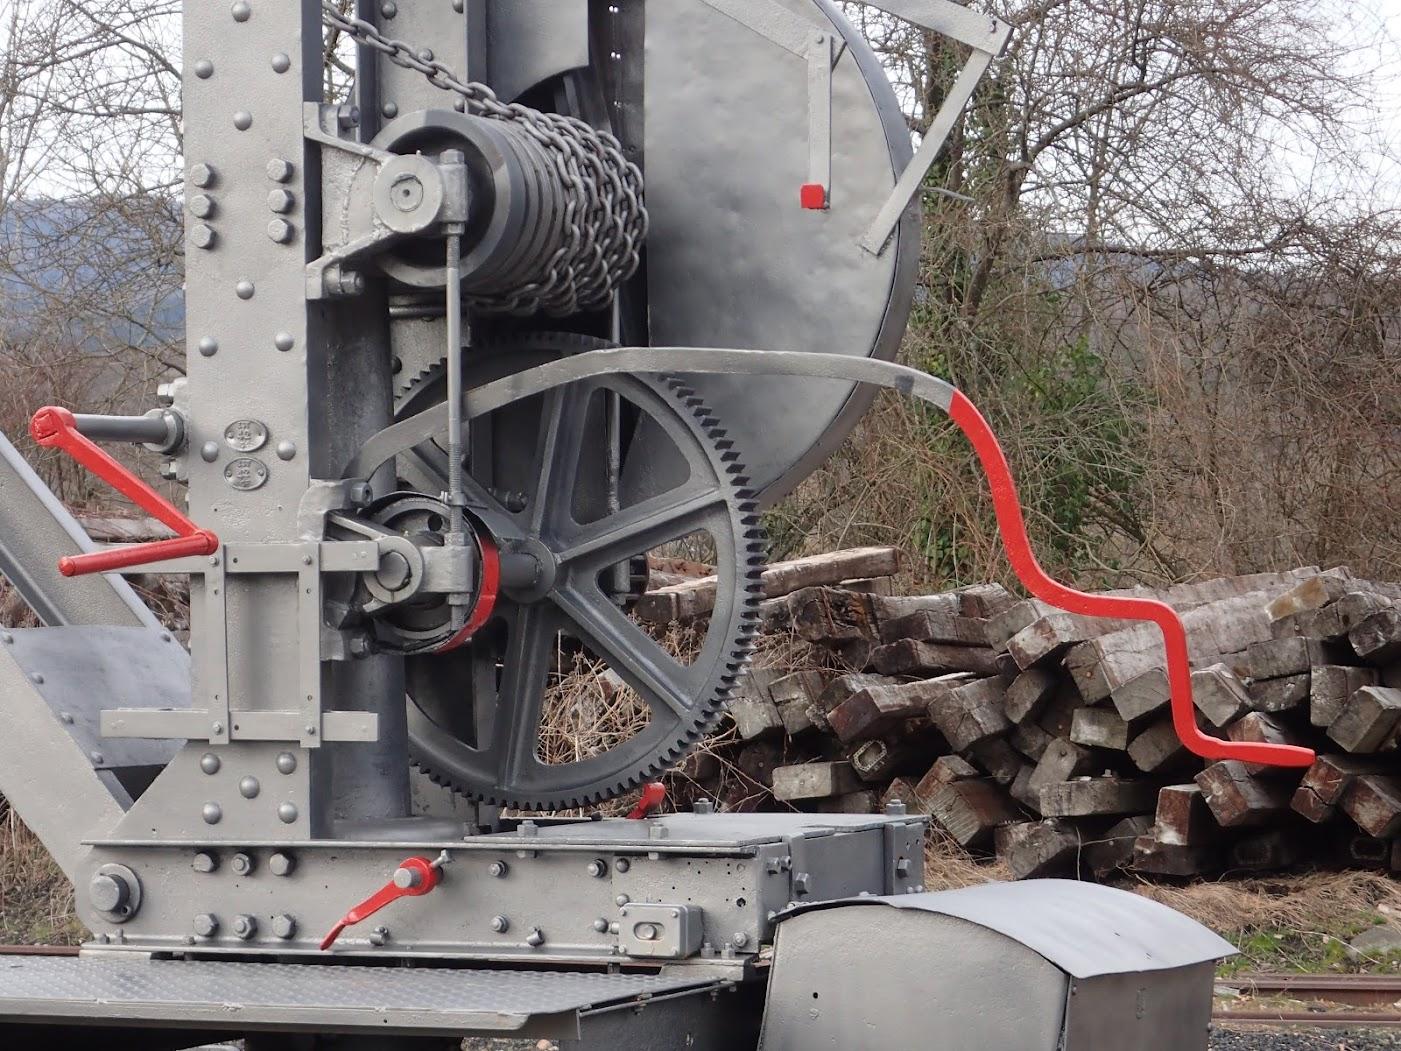 Extraordinaire mécanique ferroviaire. Train de la Doller Sentheim. Admirez la barre de frein